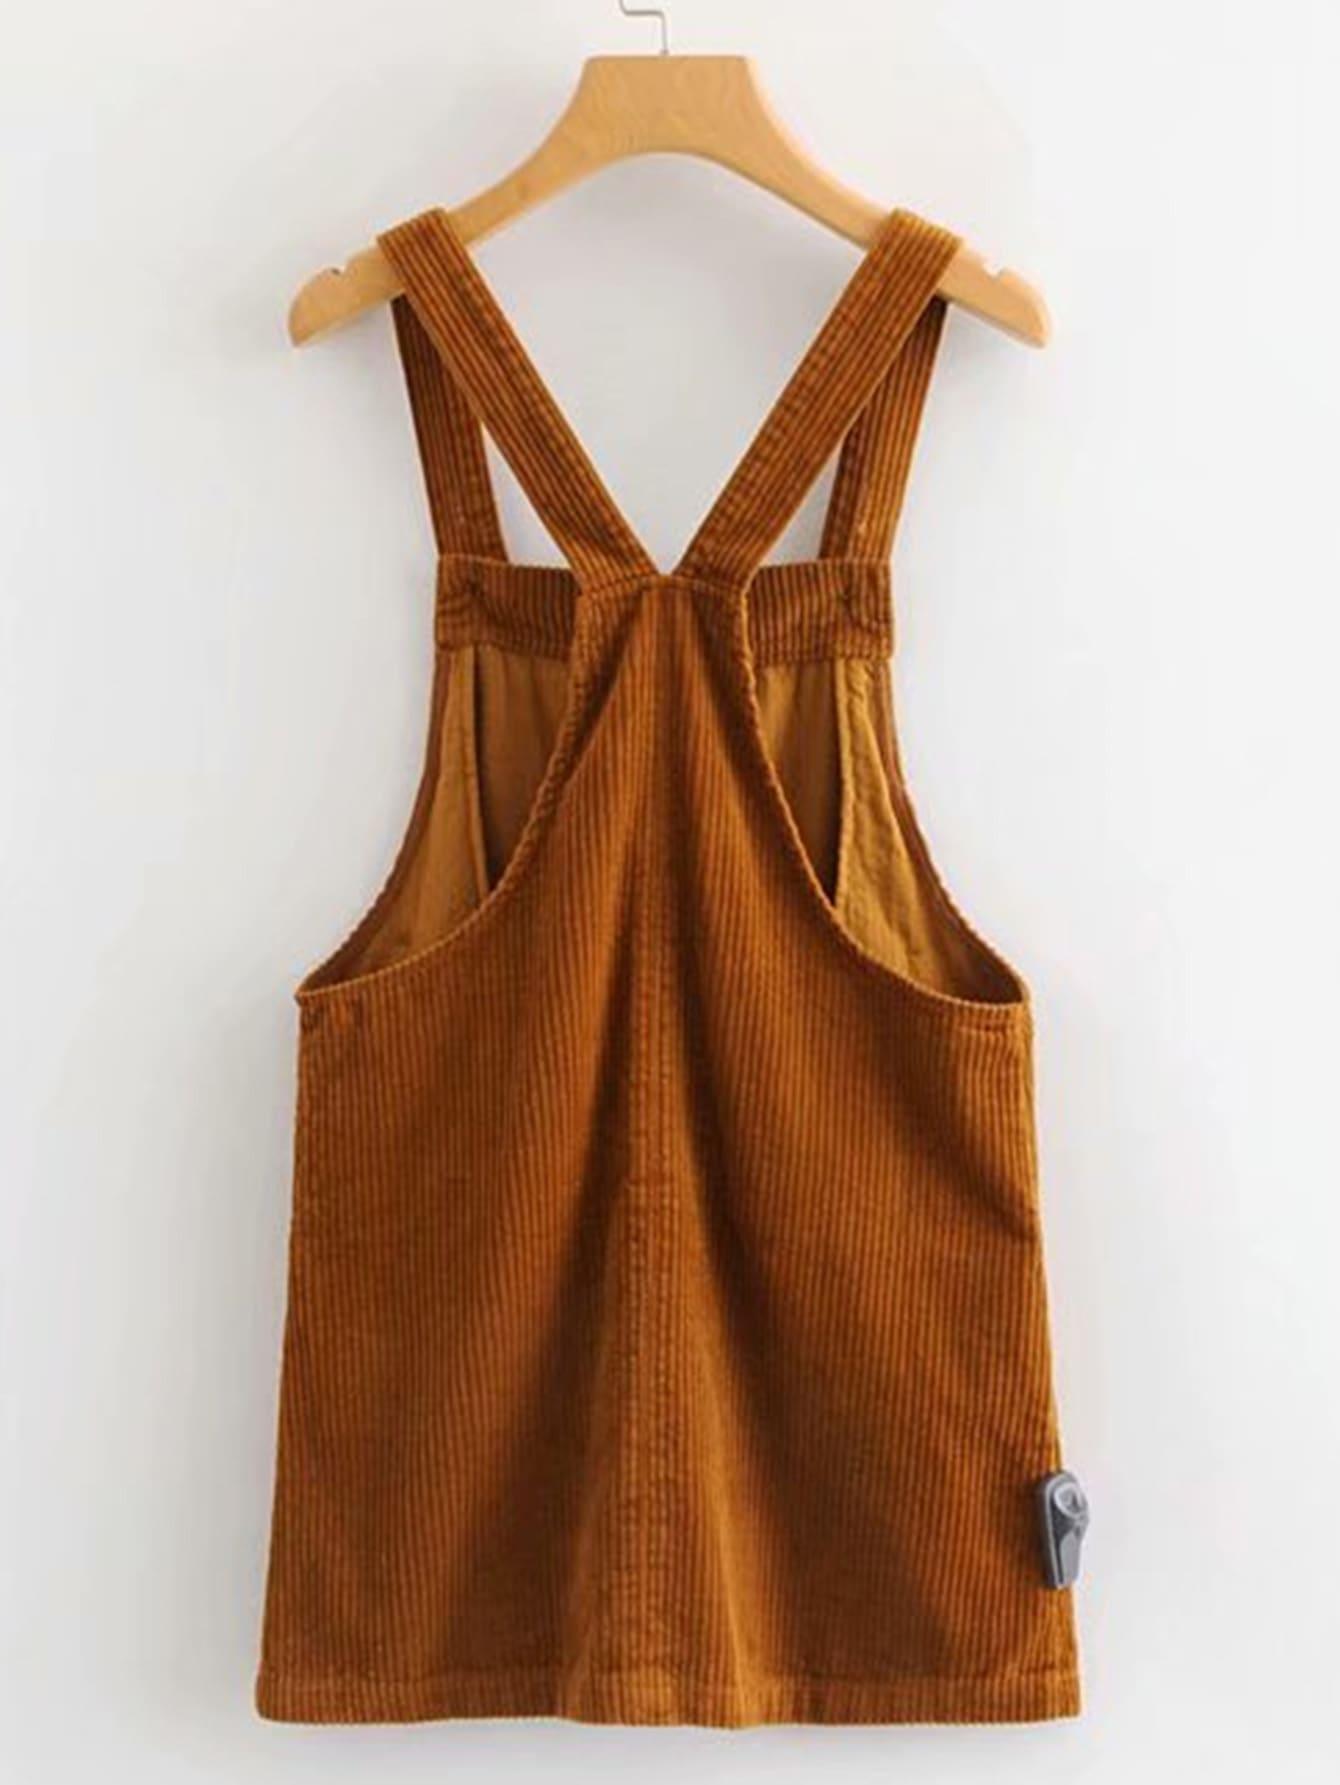 Vintage-mode Für Damen 50 Jahre Latz Schürze Ungetragen Halten Sie Die Ganze Zeit Fit